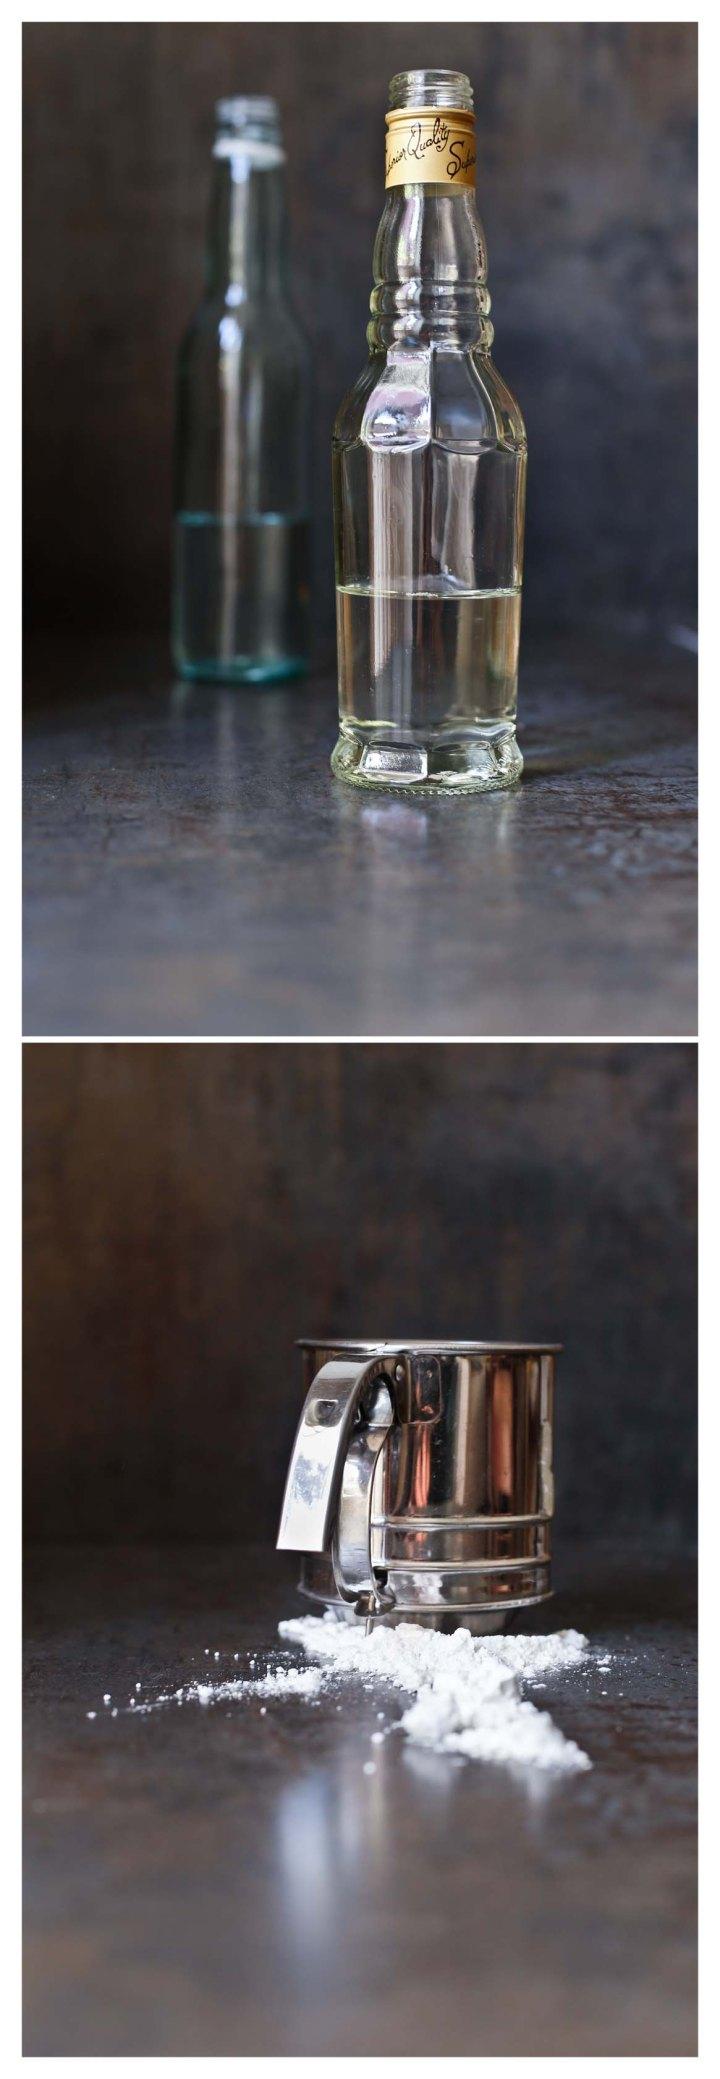 aguas aromaticas y azucar